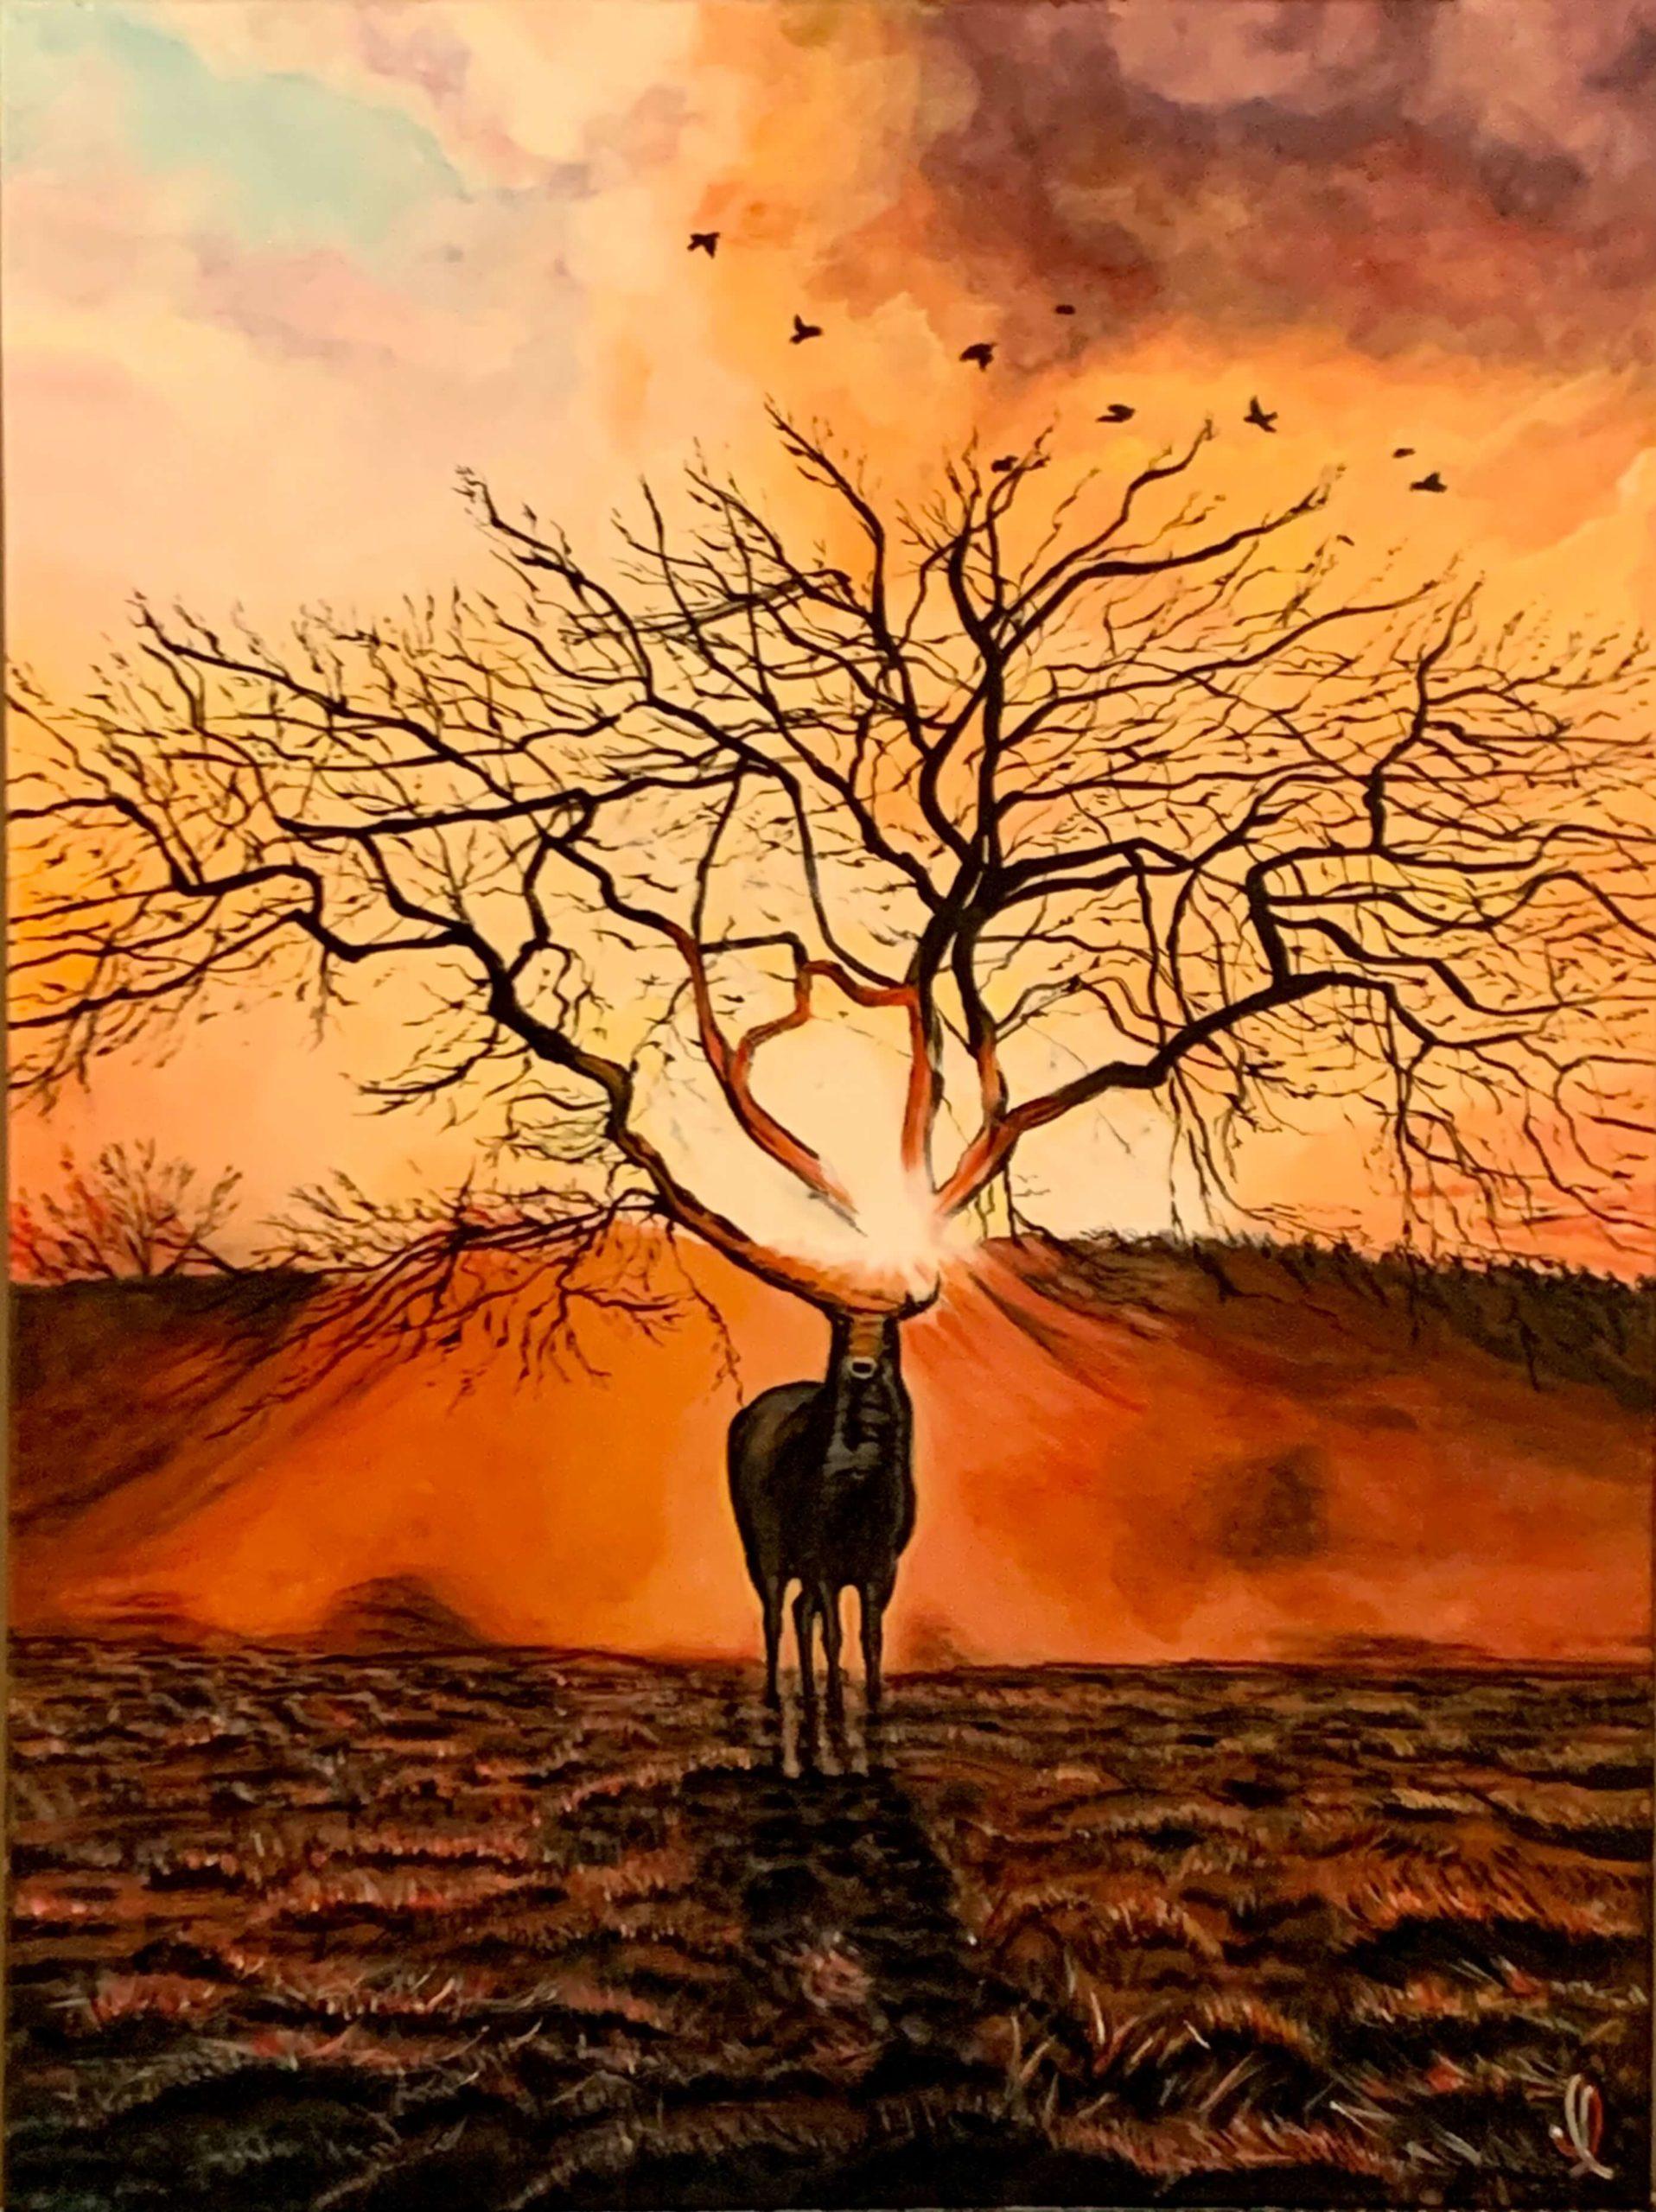 Le cerf et l'arbre en mirage au couchant